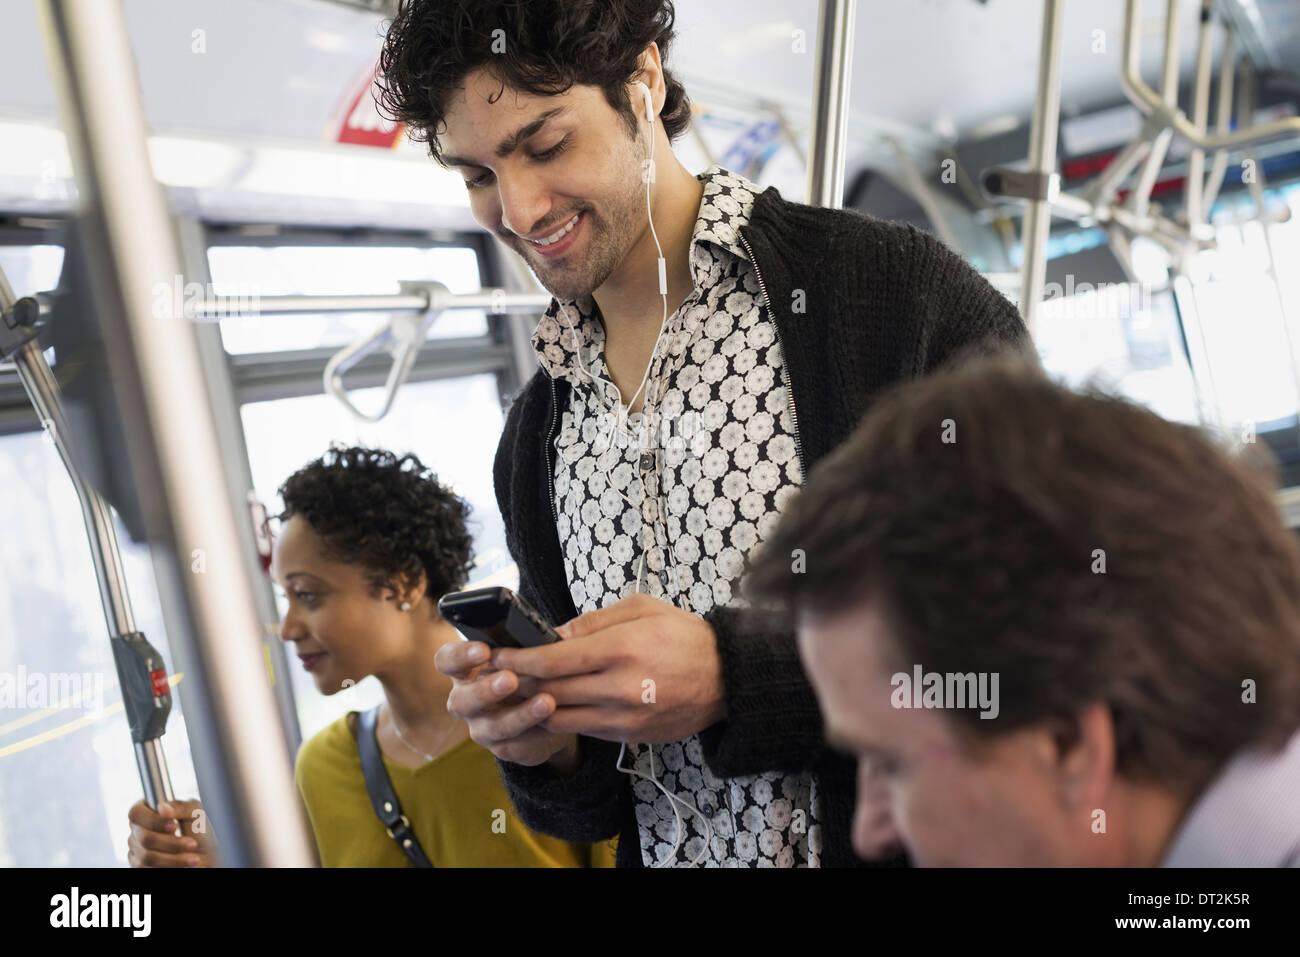 New York City Park Menschen Männer und Frauen auf einem Stadtbus ÖPNV in Kontakt zu bleiben, einen jungen Stockbild